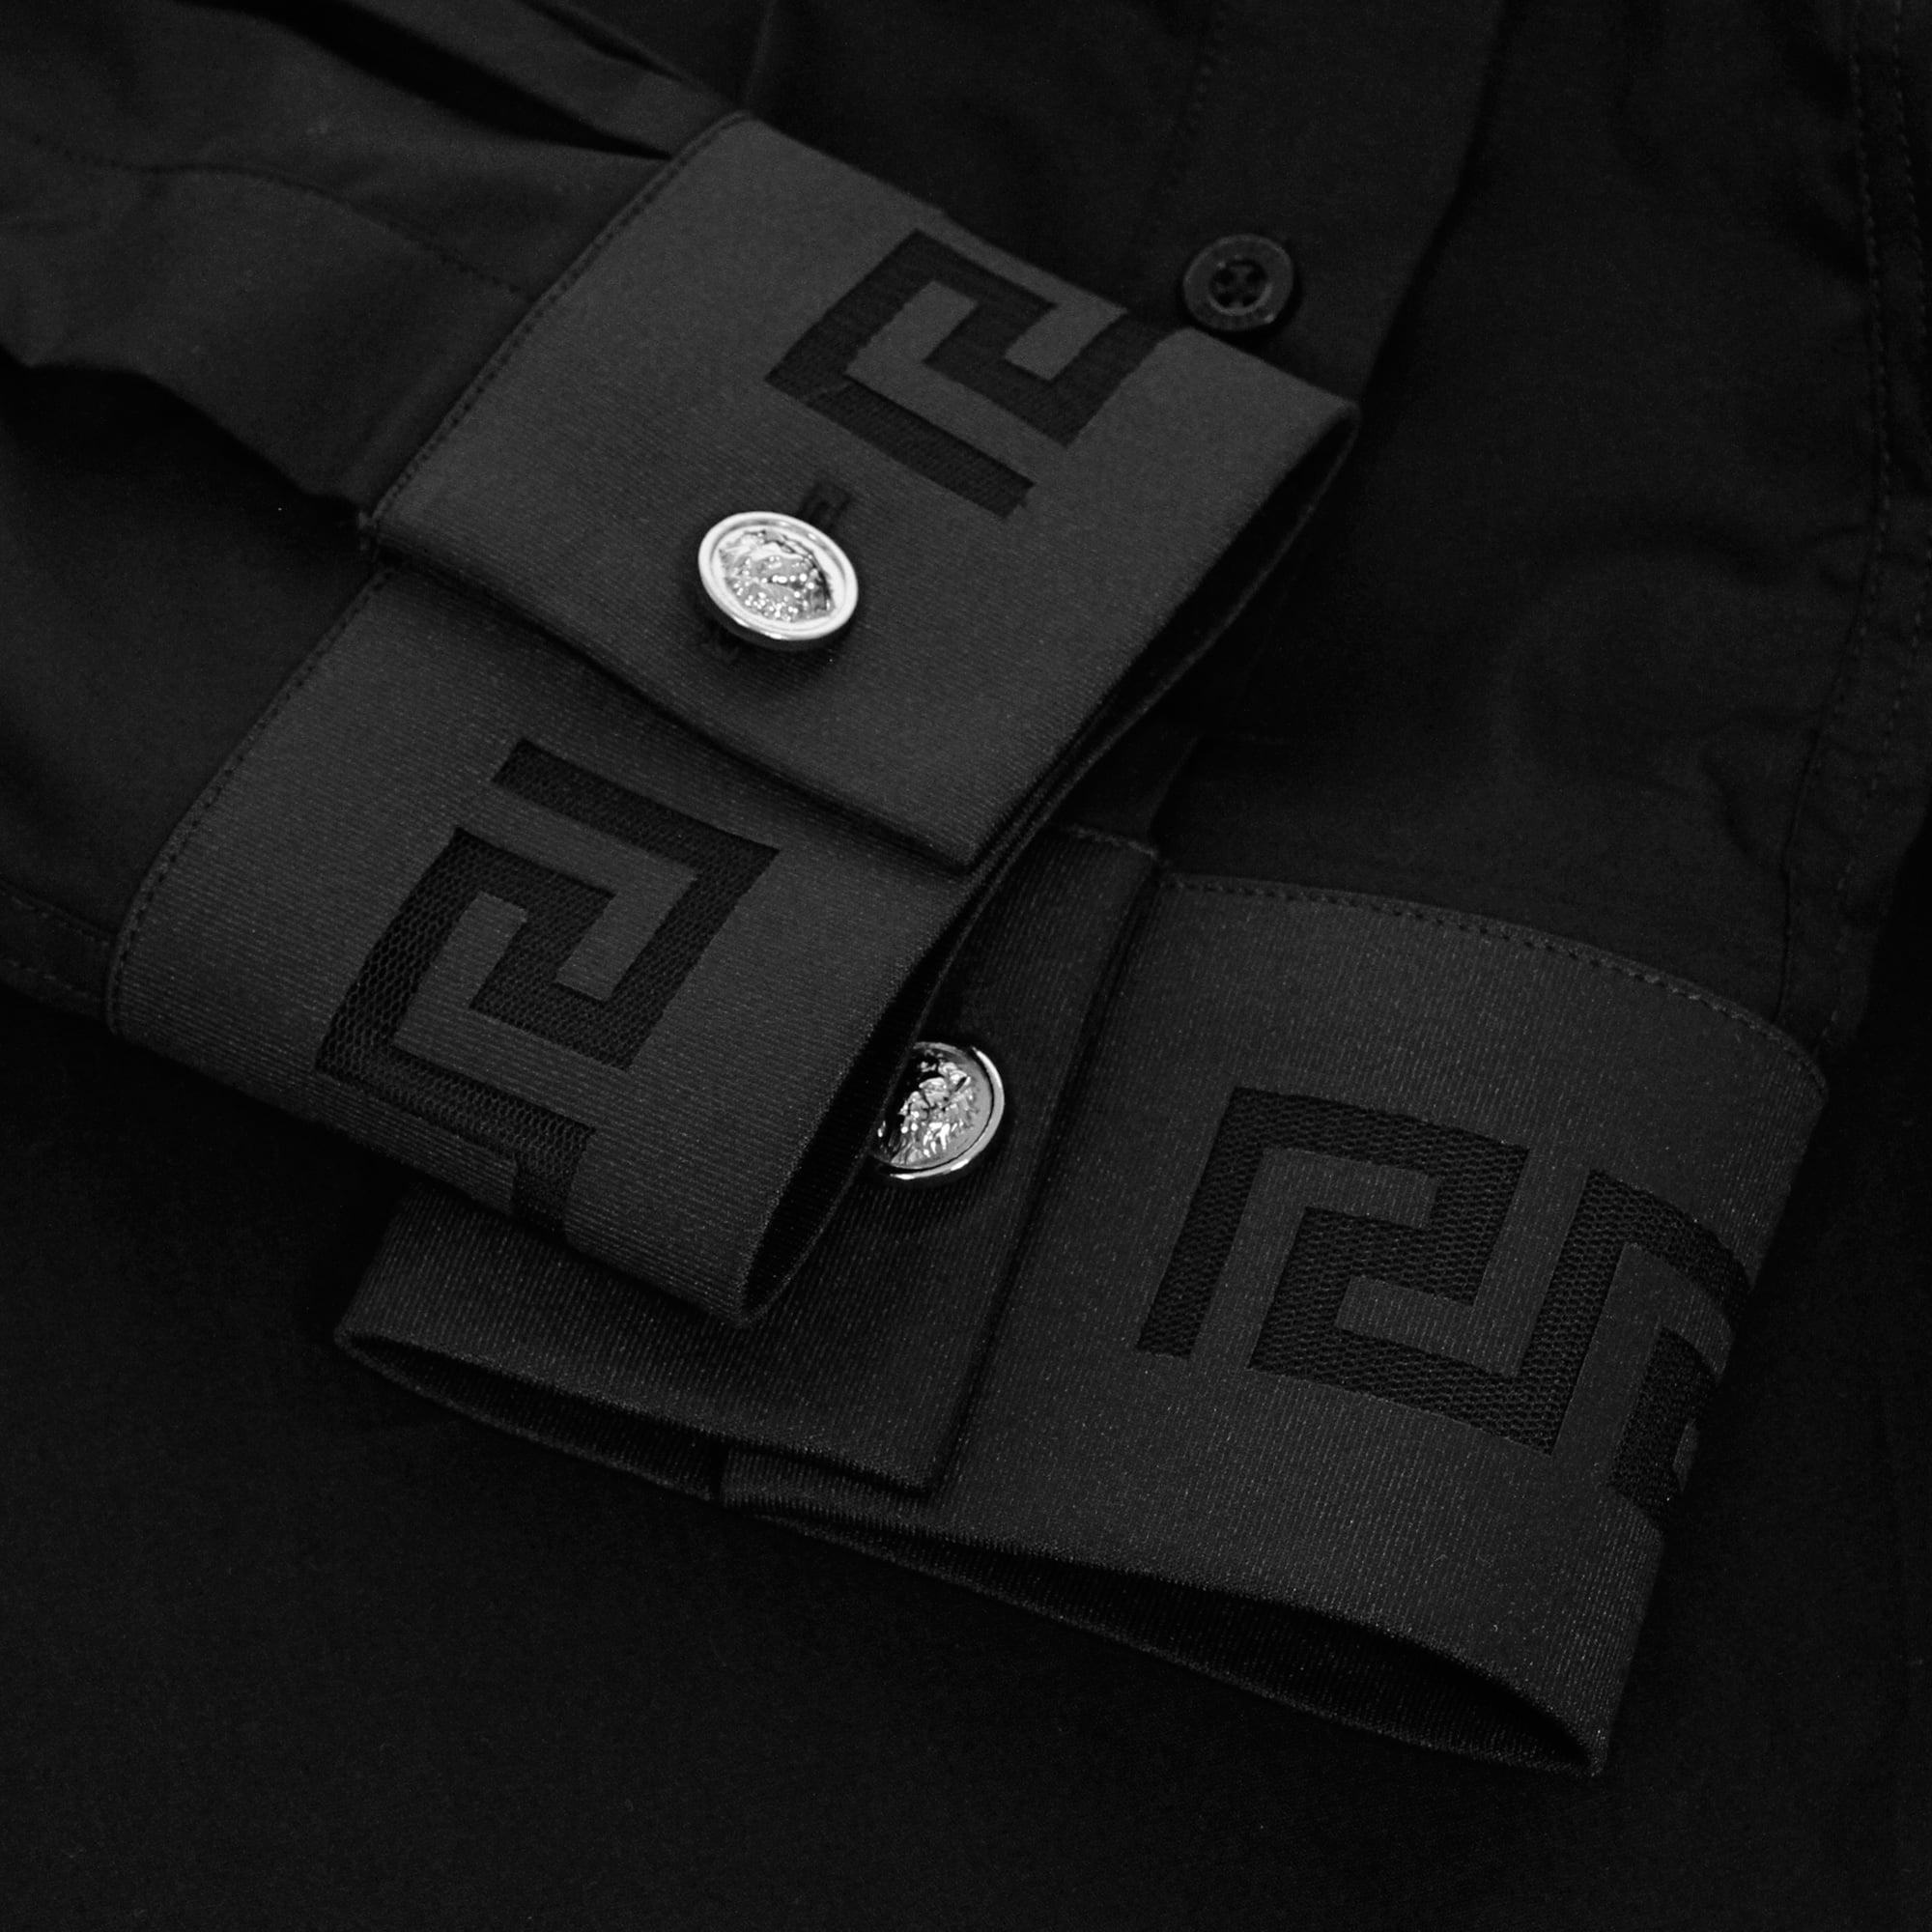 Black And White Versace Shirt